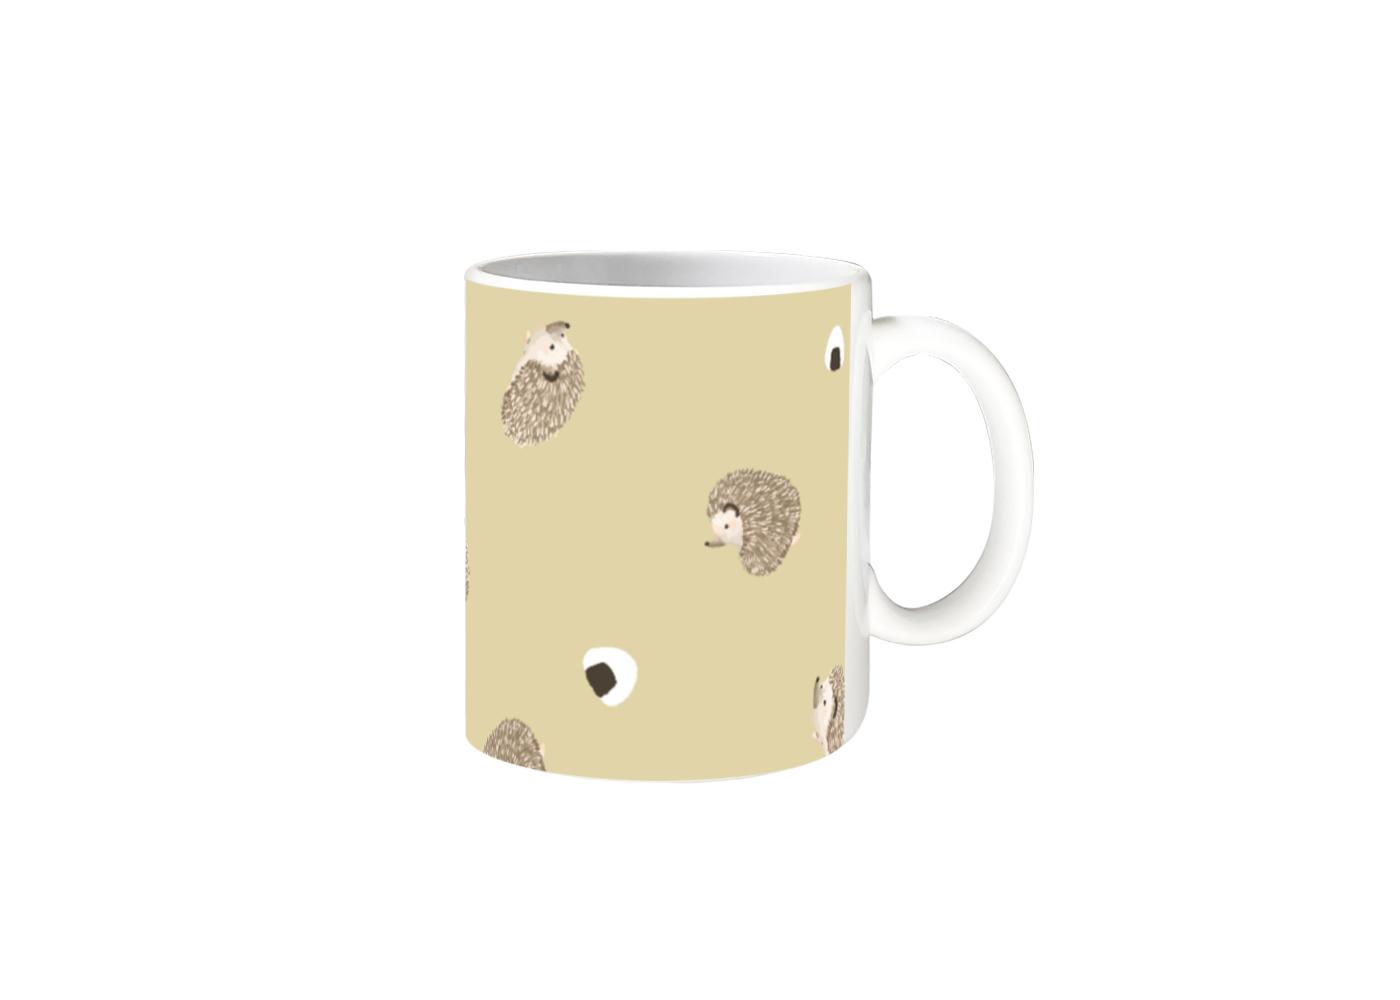 ハリネズミとおにぎりマグカップ 全面印刷 マグカップ